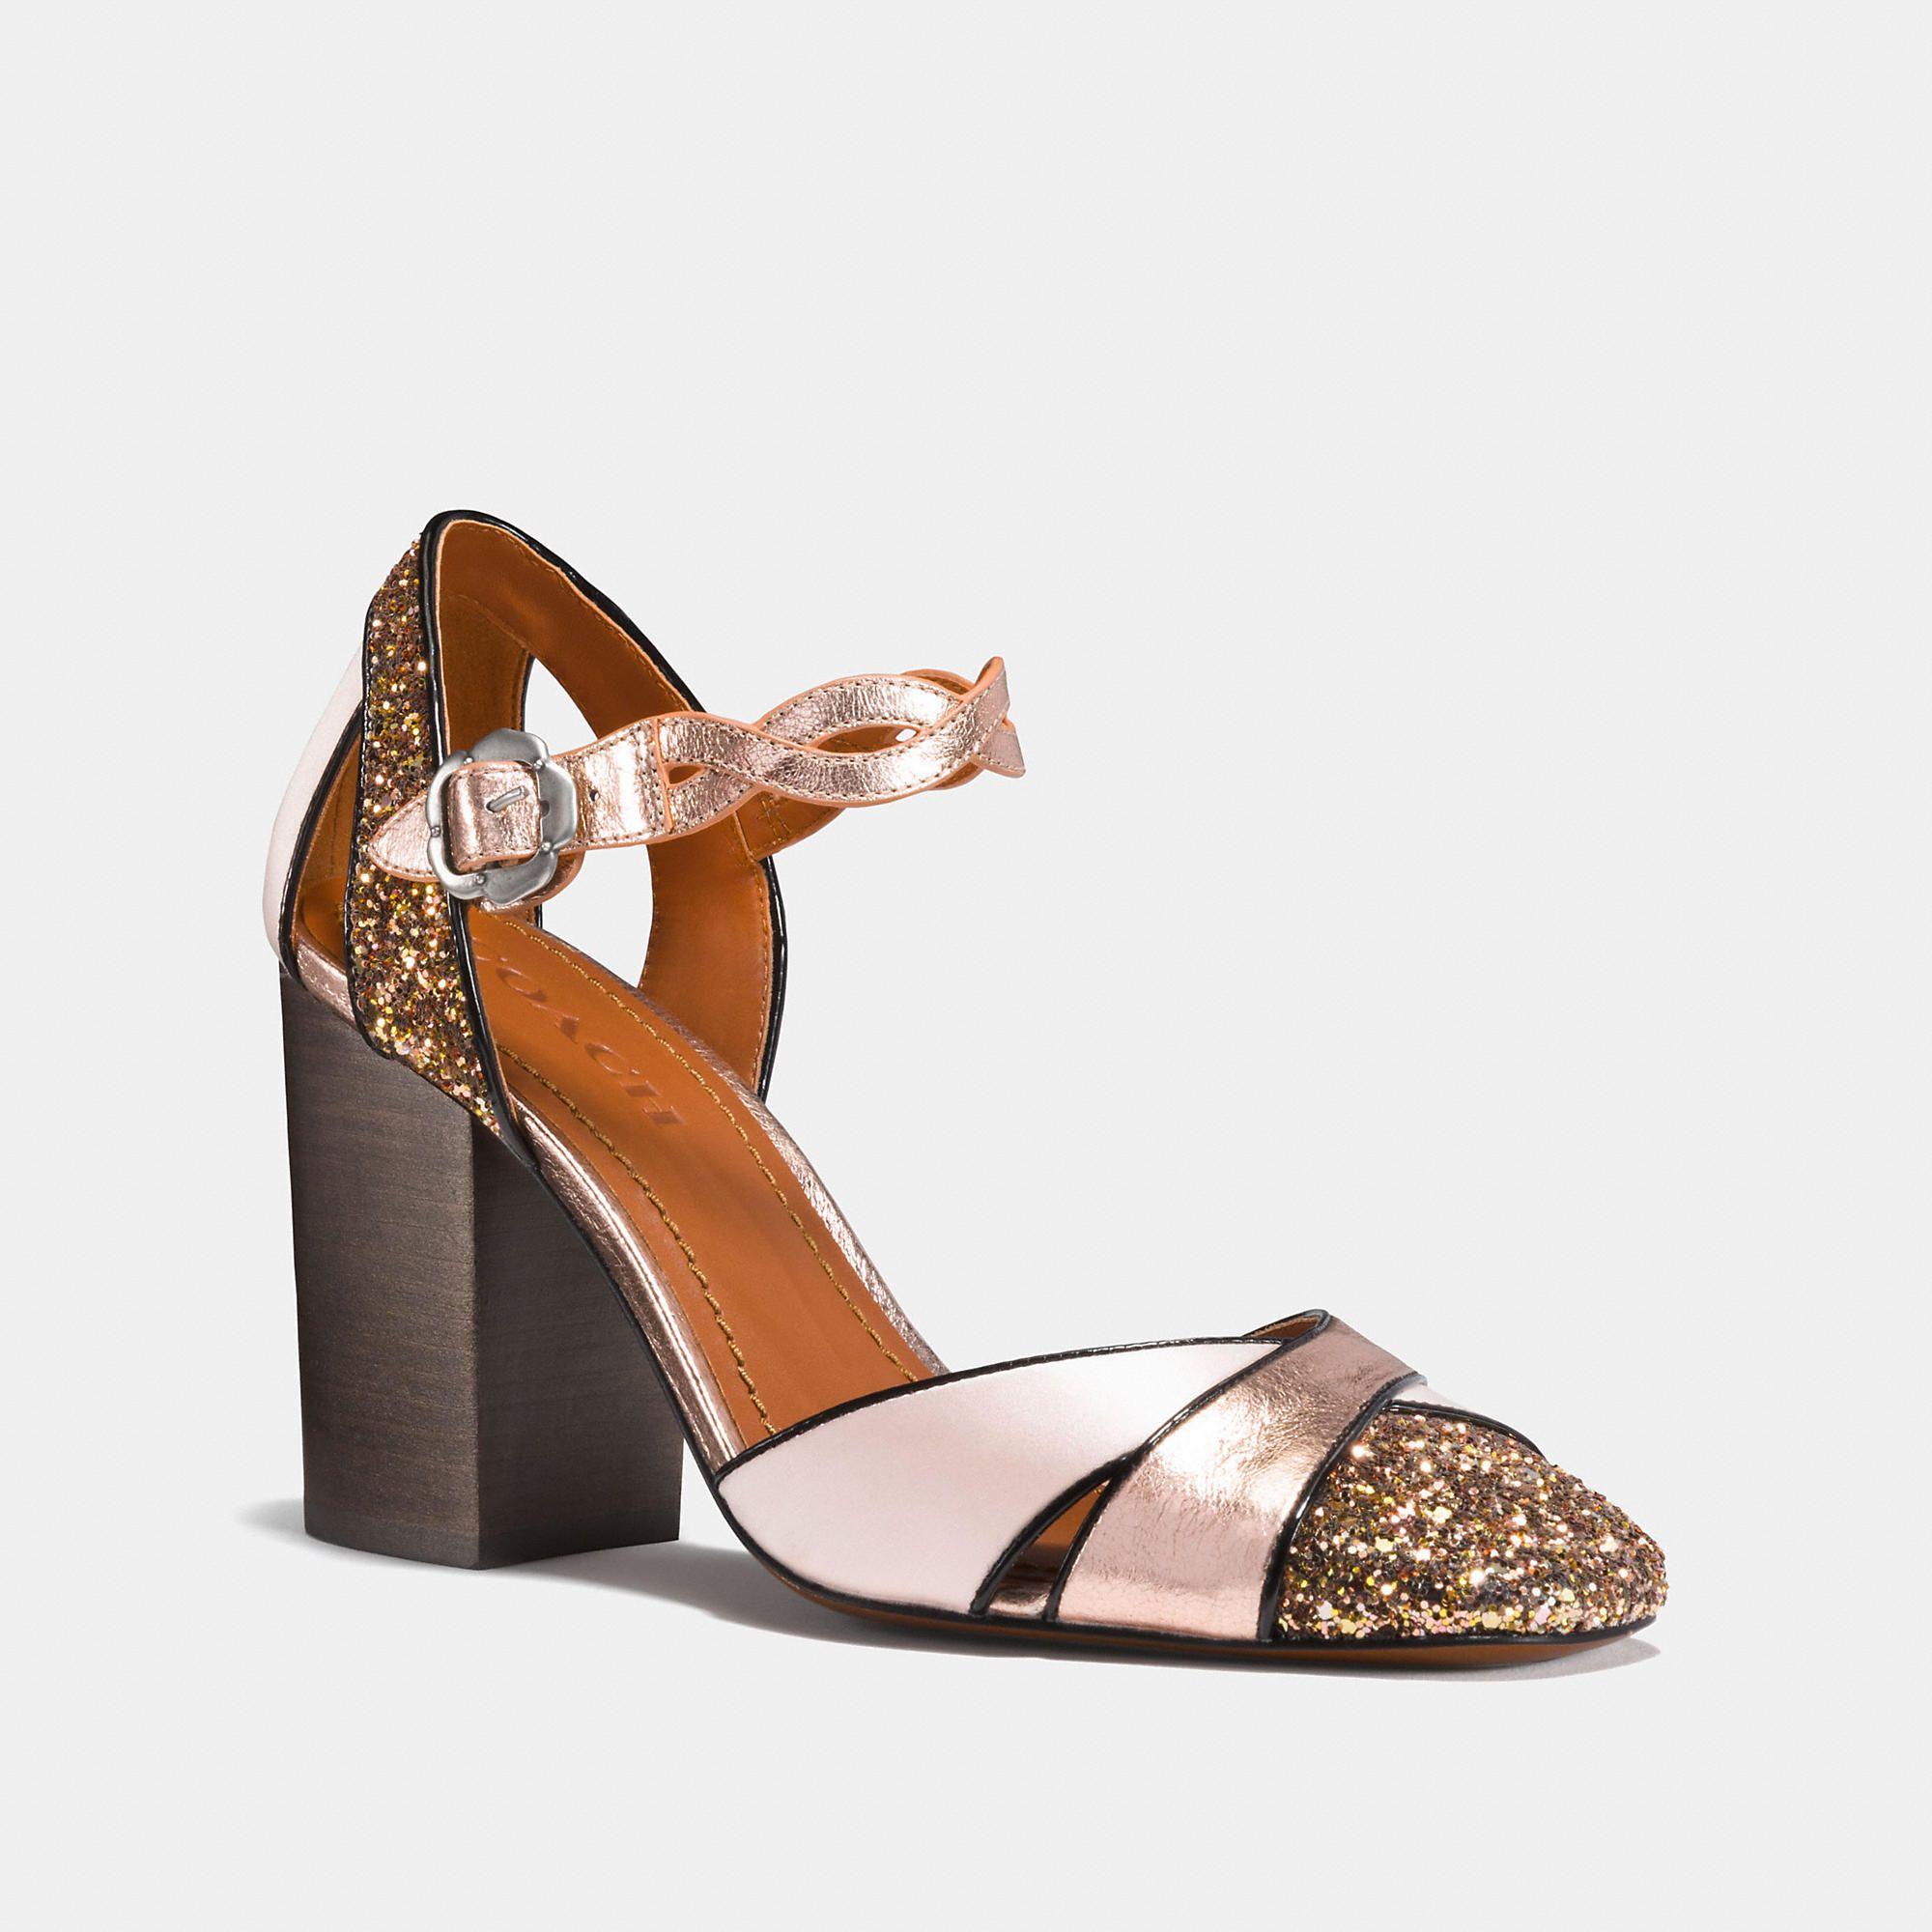 391788c61a5 COACH Ankle Strap Pump - Women s Size 5.5 Pumps High Heel Pumps